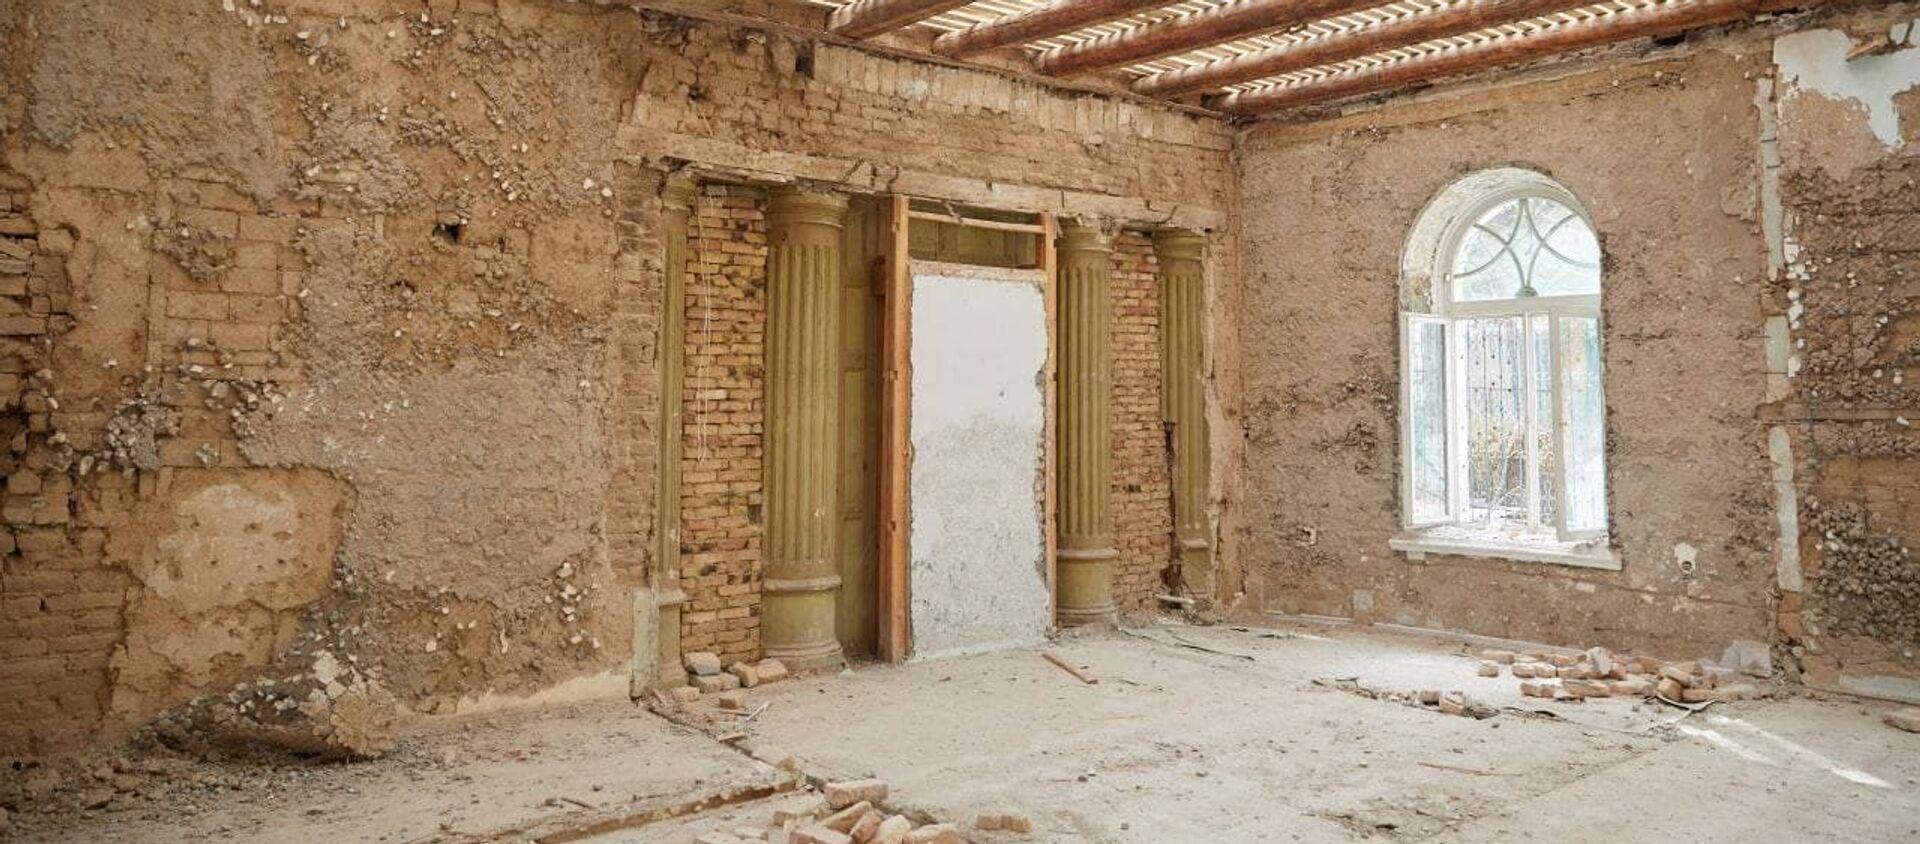 Во время реконструкции Республиканской детской библиотеки обнаружили аутентичные колонны - Sputnik Узбекистан, 1920, 19.02.2021